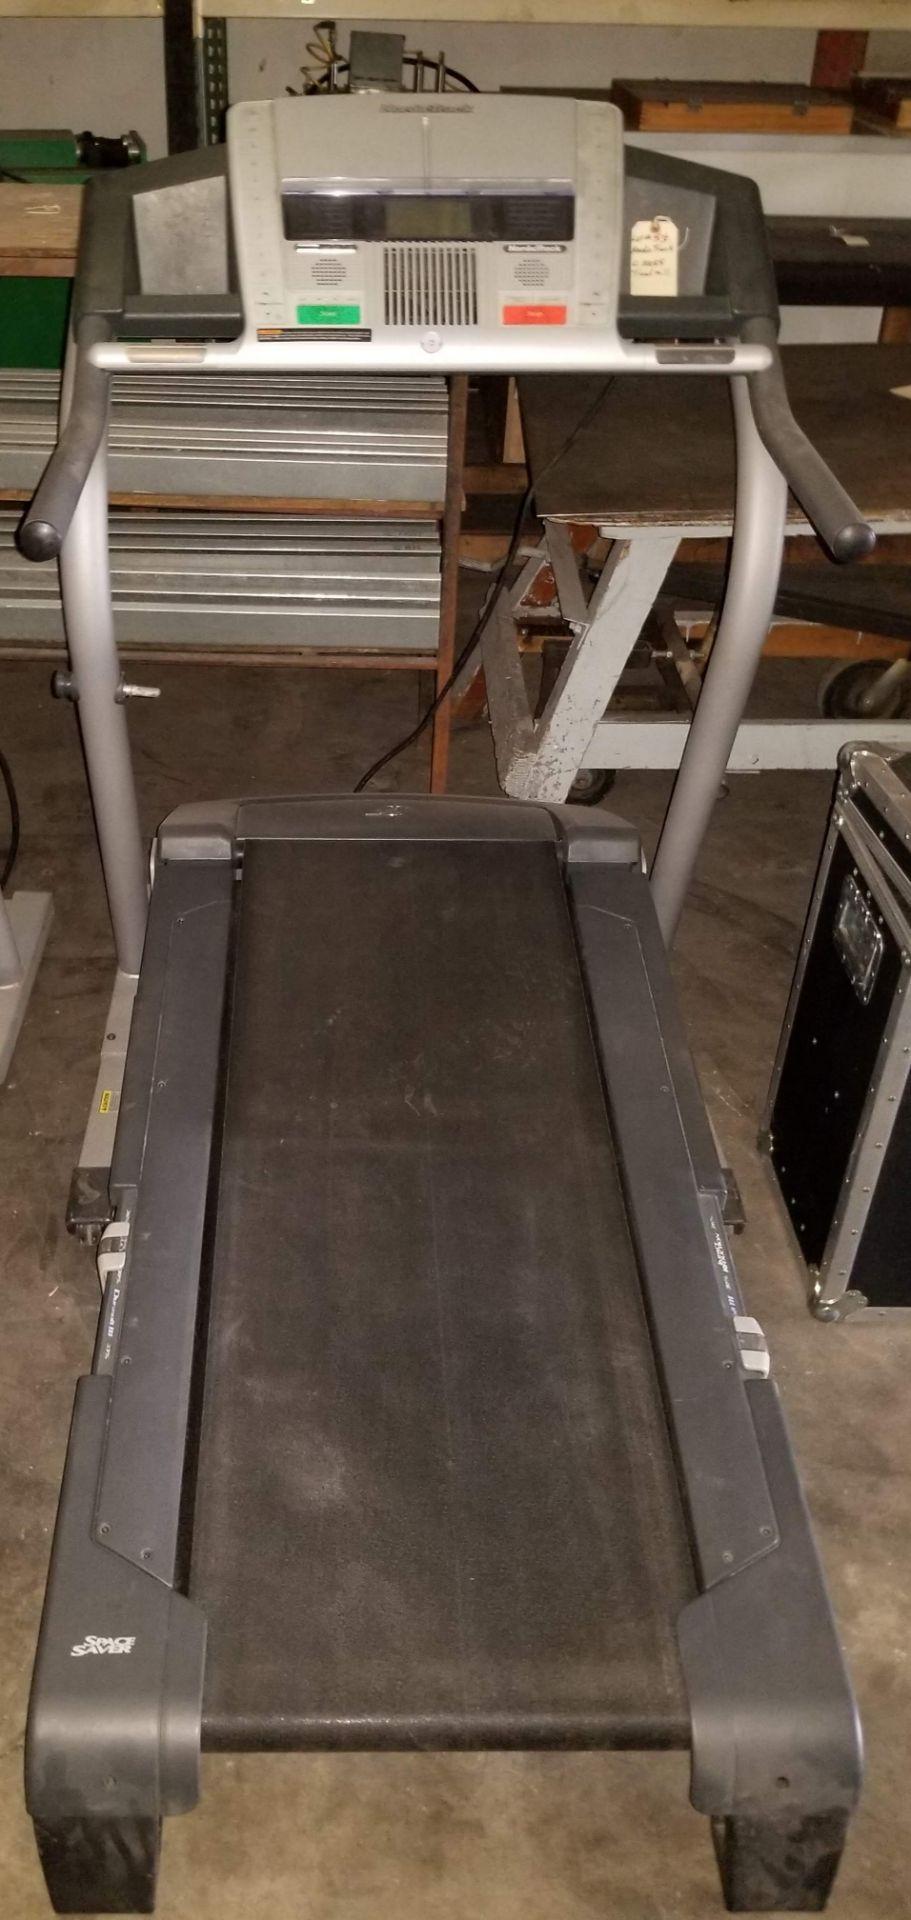 Lot 53 - NordicTrack Tredmill C2255